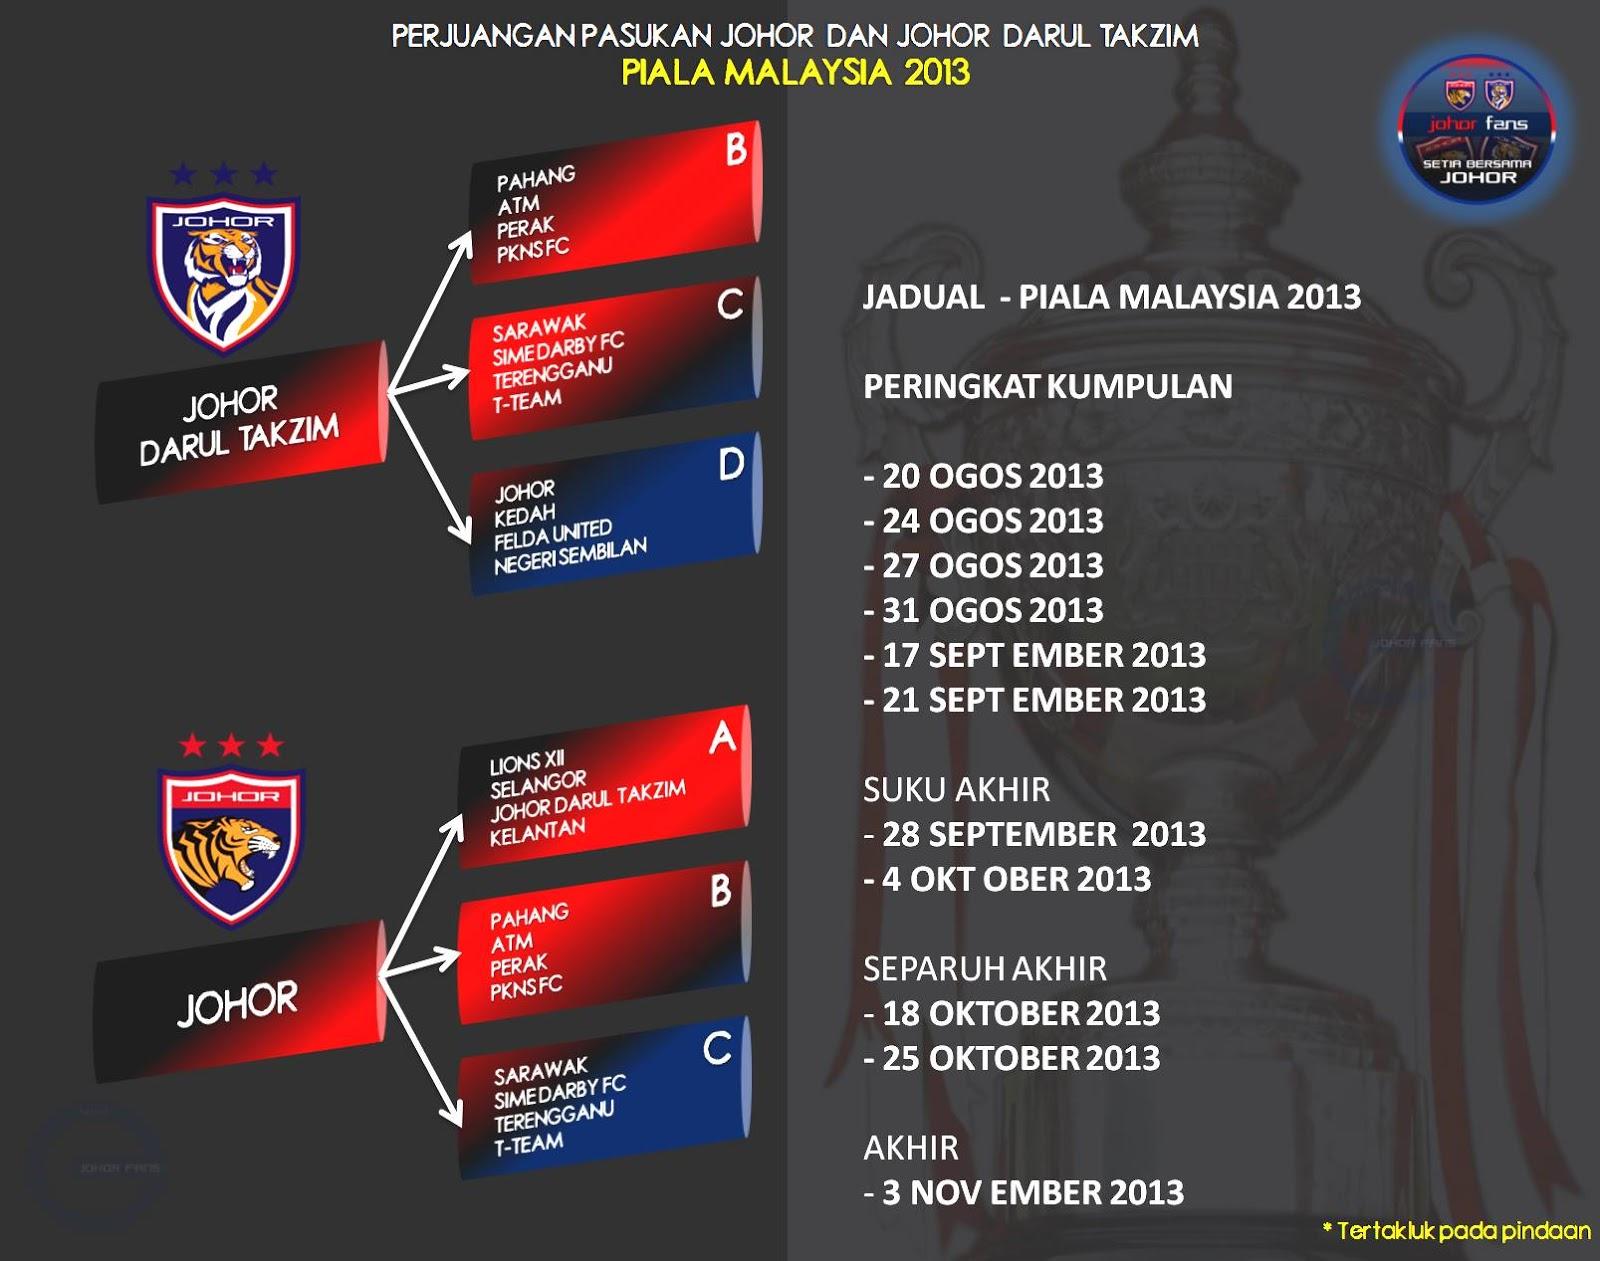 Senarai Penuh Undian Peringkat Kumpulan Piala Malaysia 2013